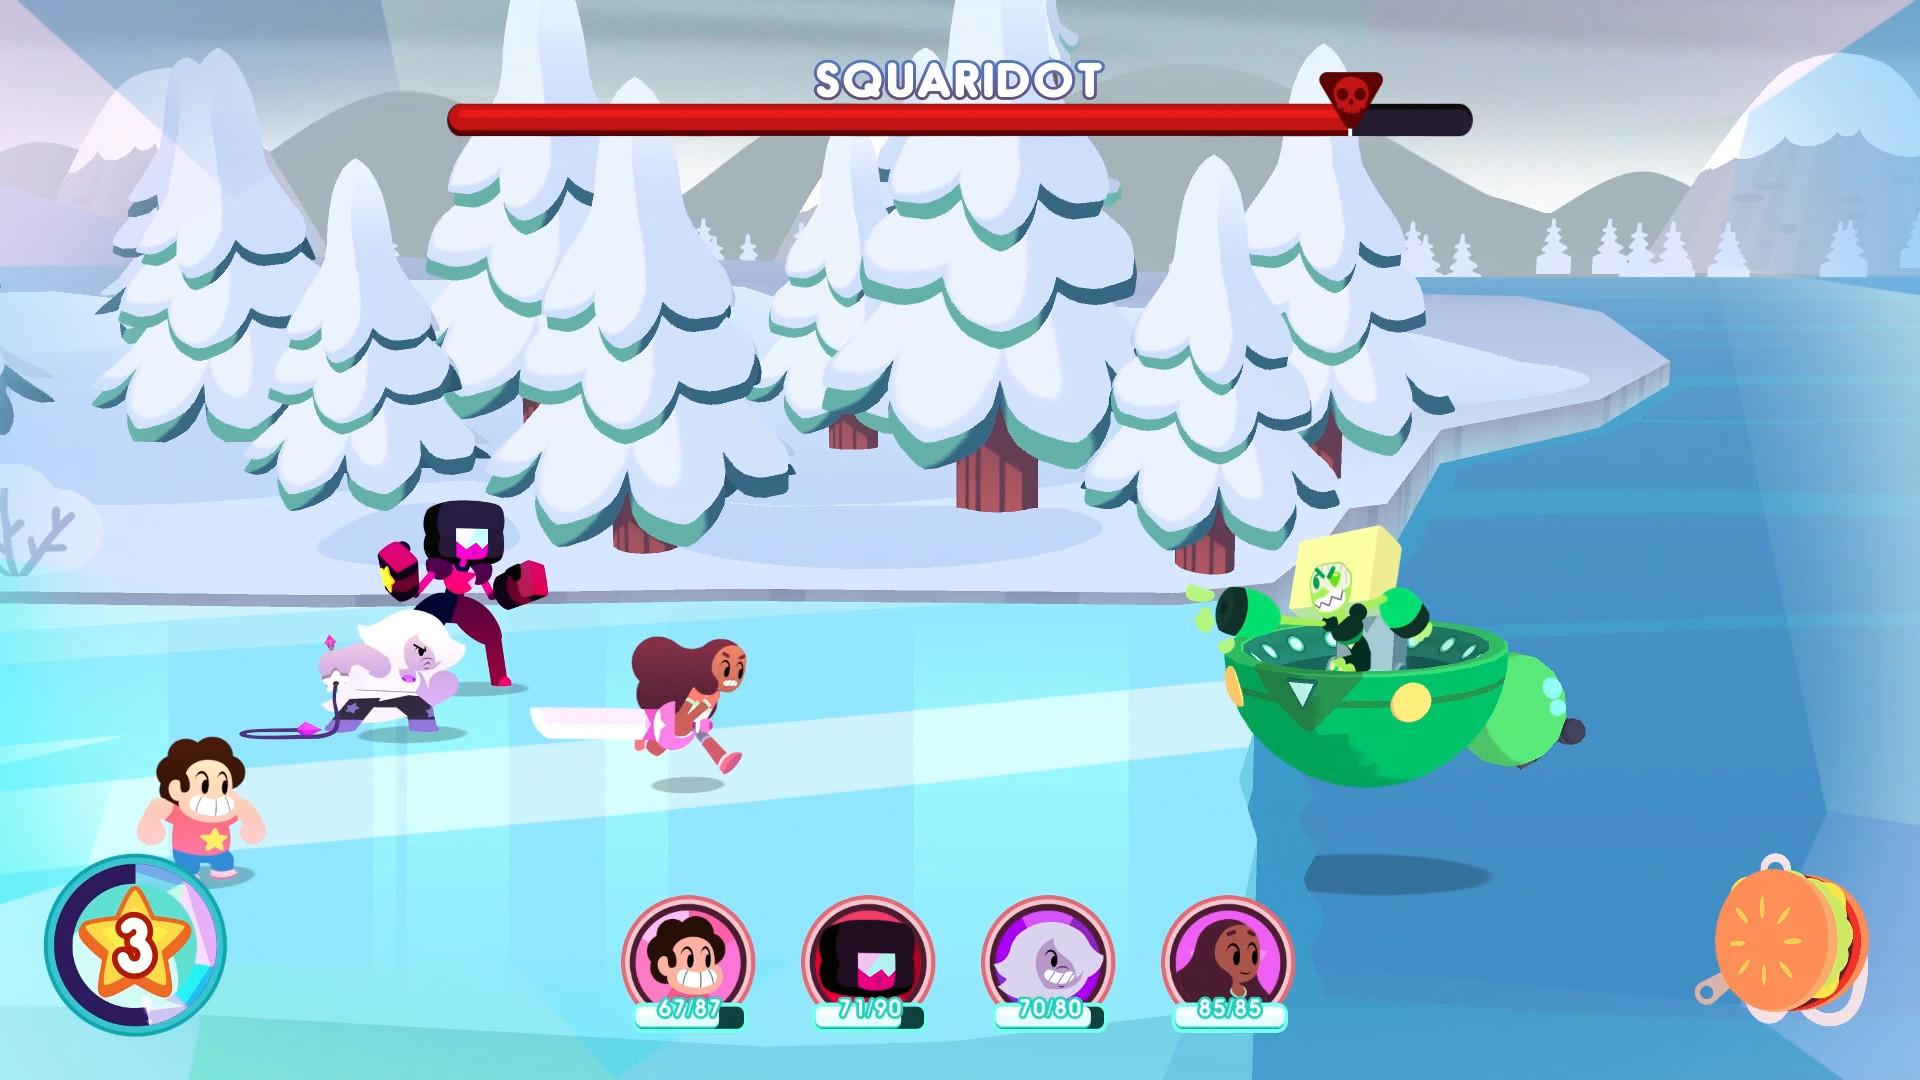 Steven Universe: Save the Light Screenshot 2